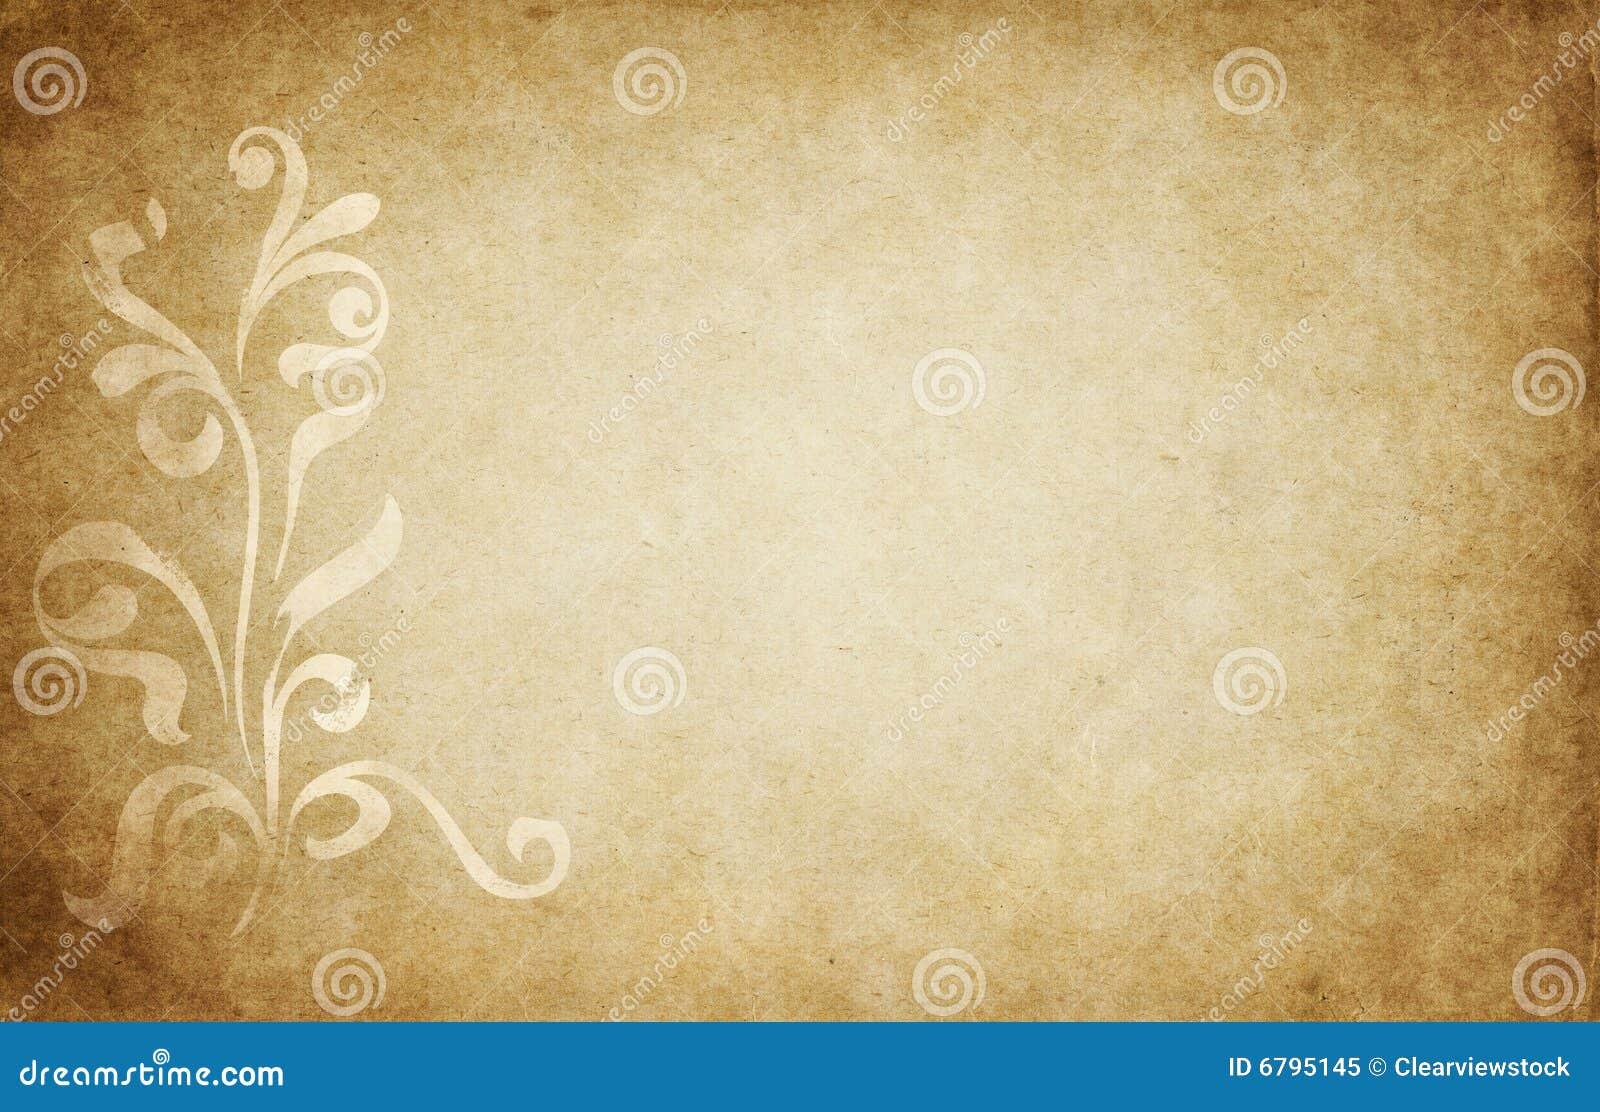 Amato Pergamena Con Il Disegno Floreale Illustrazione Vettoriale  TK63